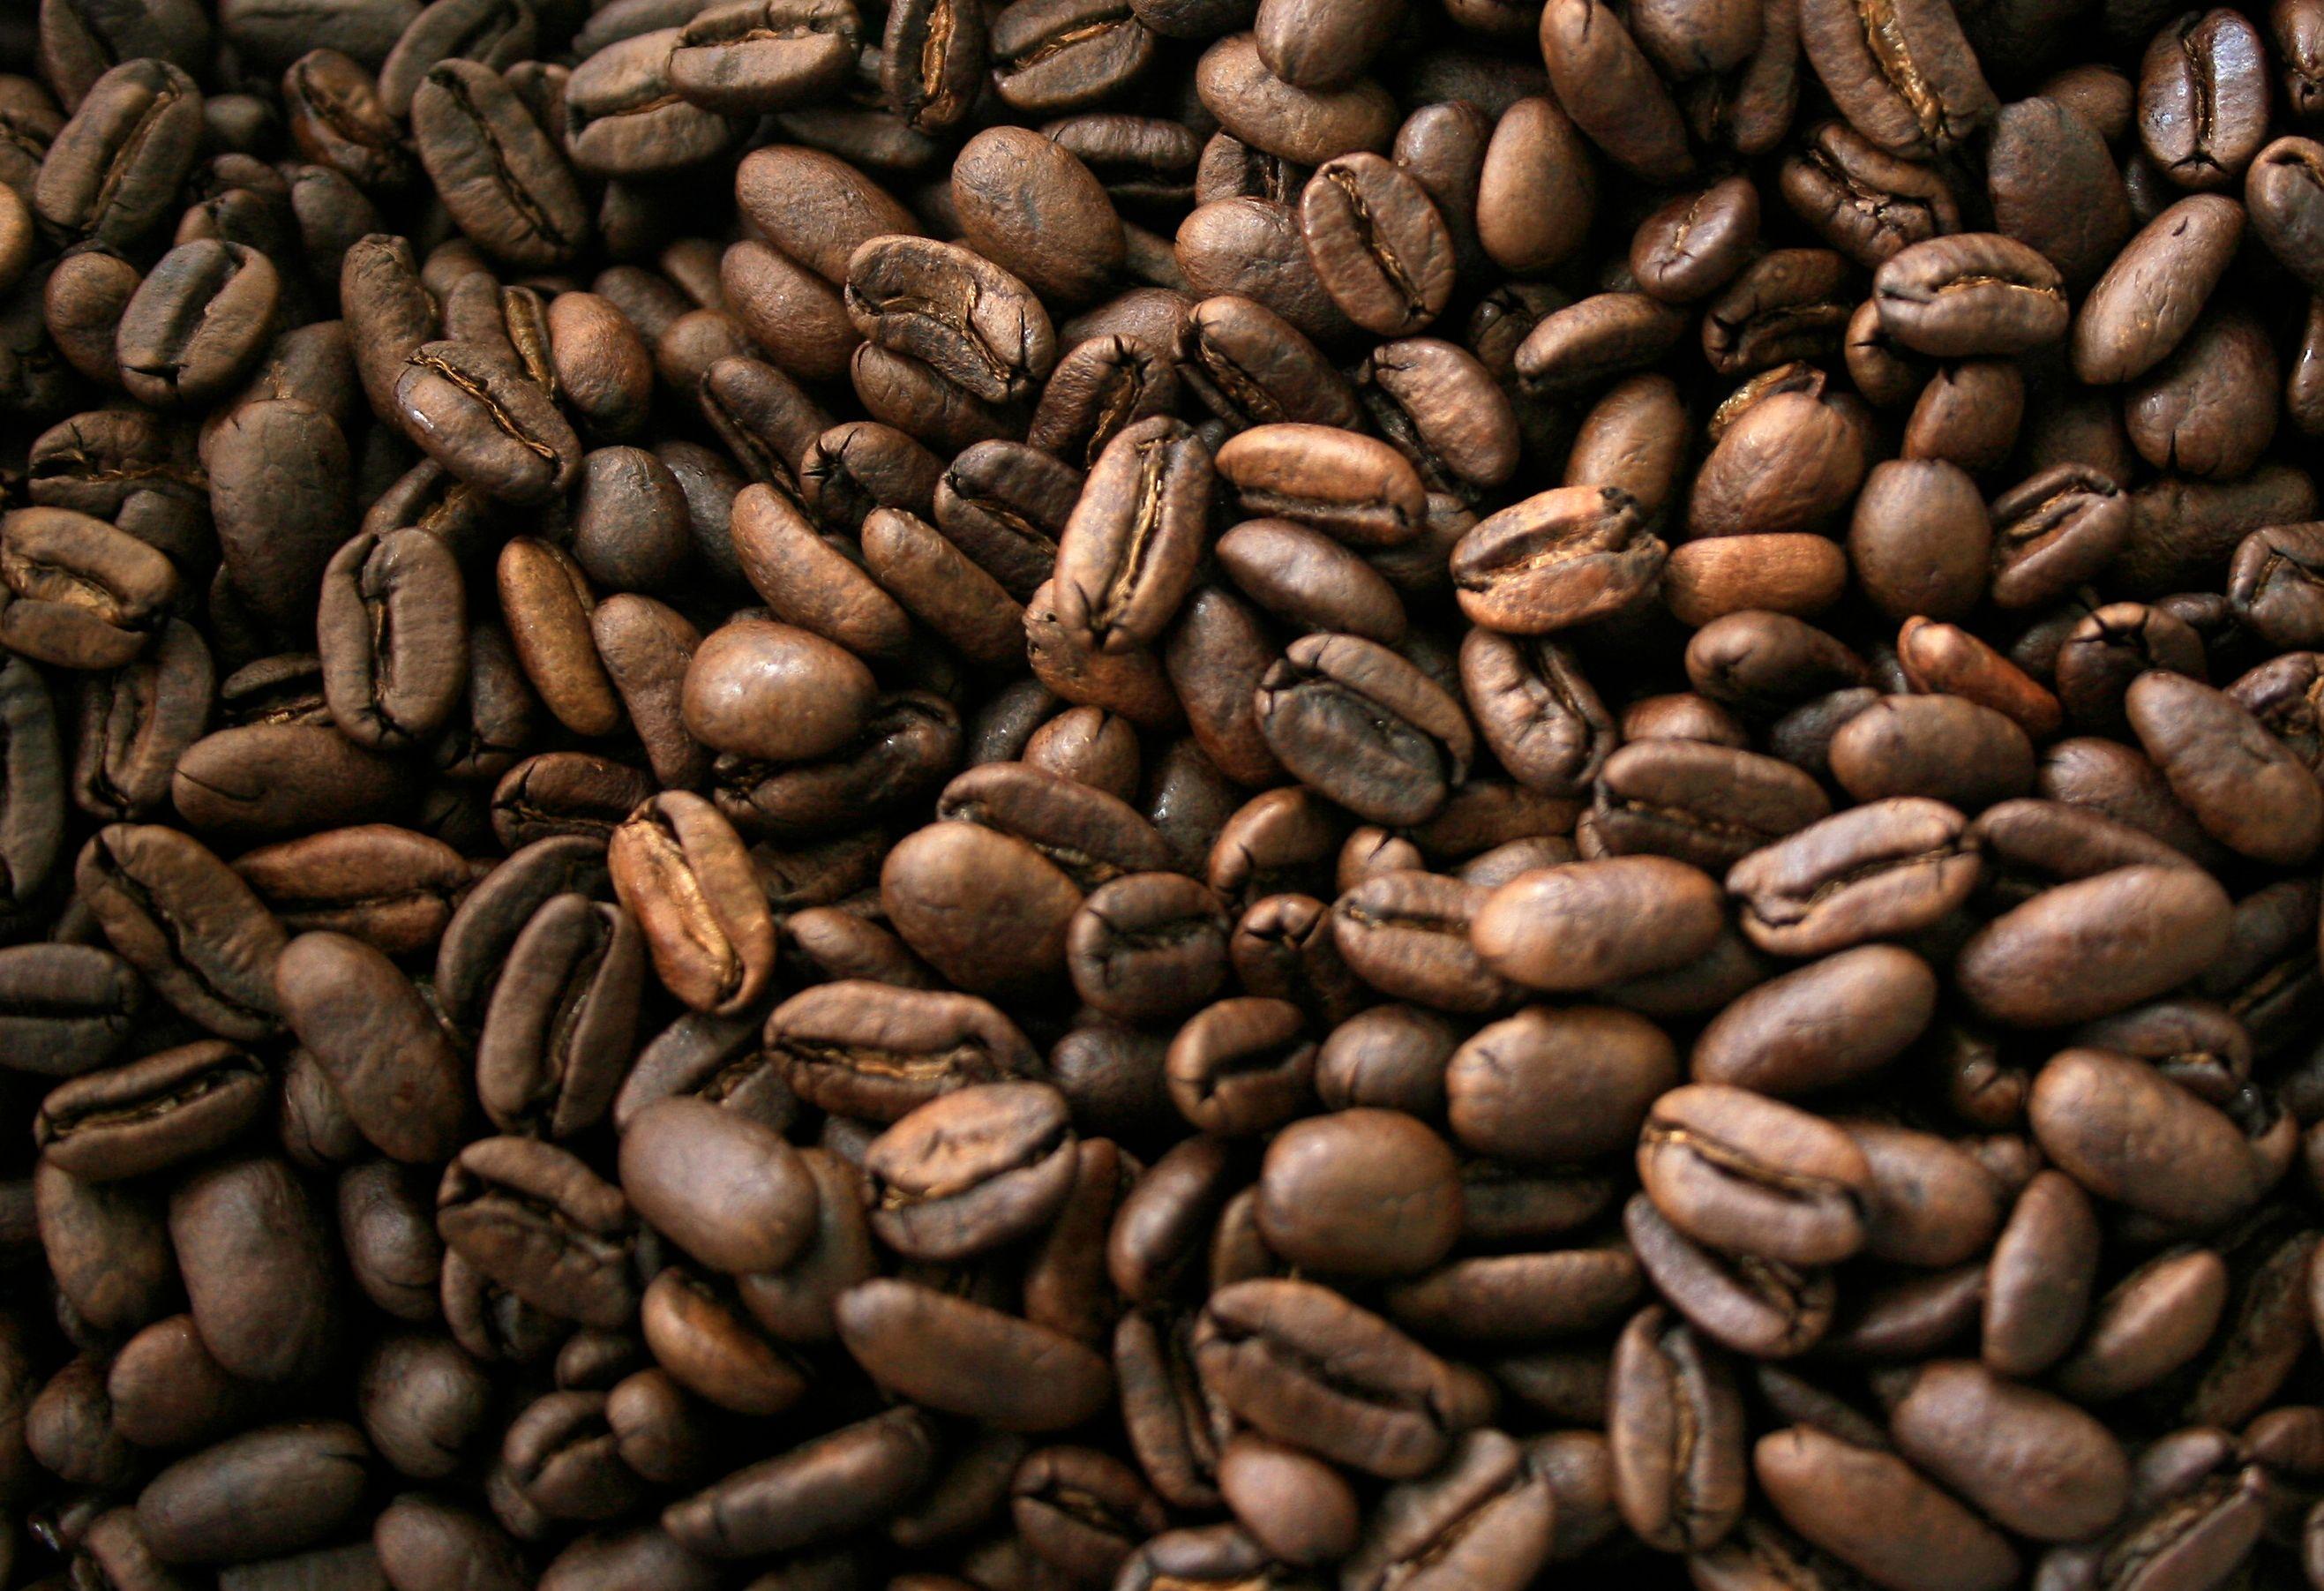 Selon les études, le café est tour à tour dangereux ou remède miracle, anxiogène ou catalyseur de concentration.